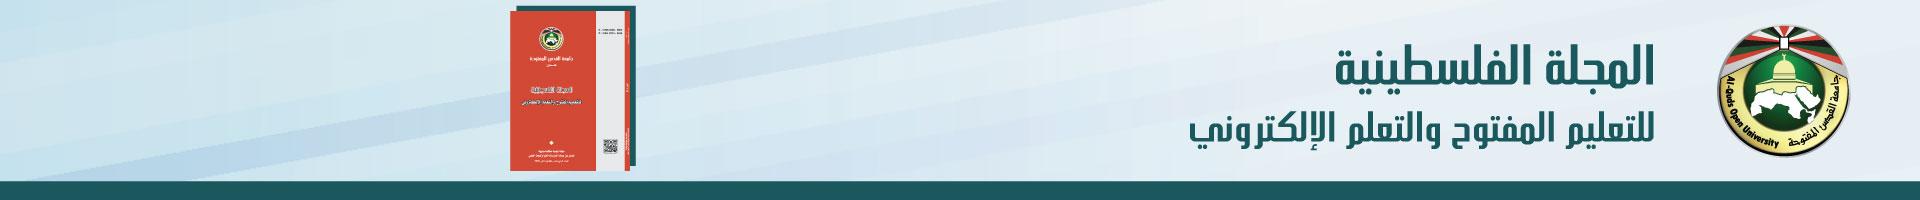 المجلة الفلسطينية للتعليم المفتوح والتعلم الإلكتروني